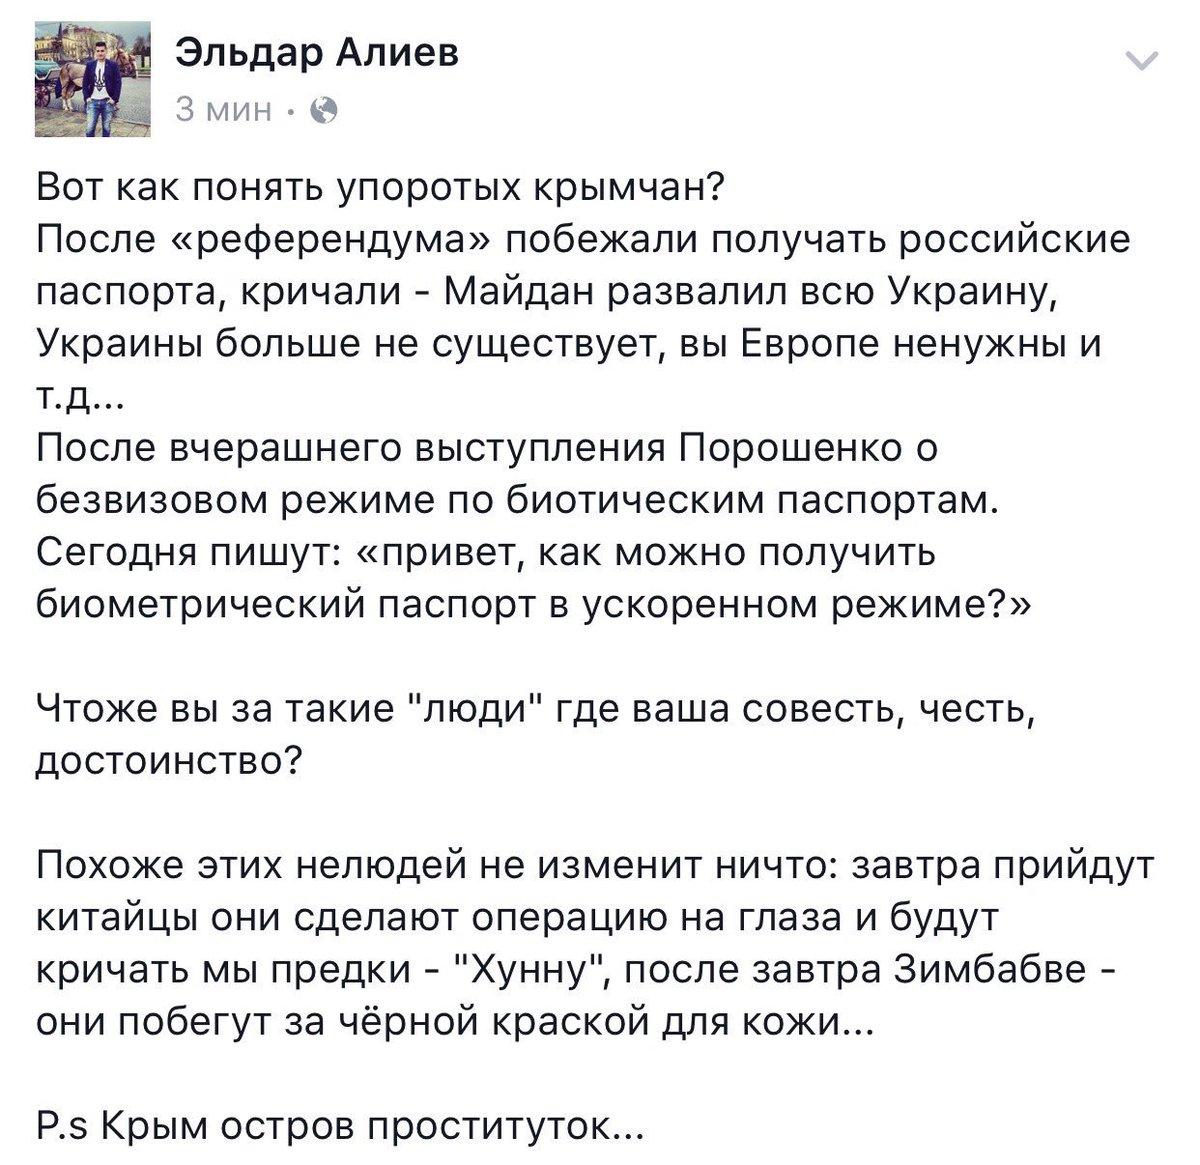 Кремлевские марионетки хотят за 5 лет распродать все крымские здравницы - Цензор.НЕТ 8486